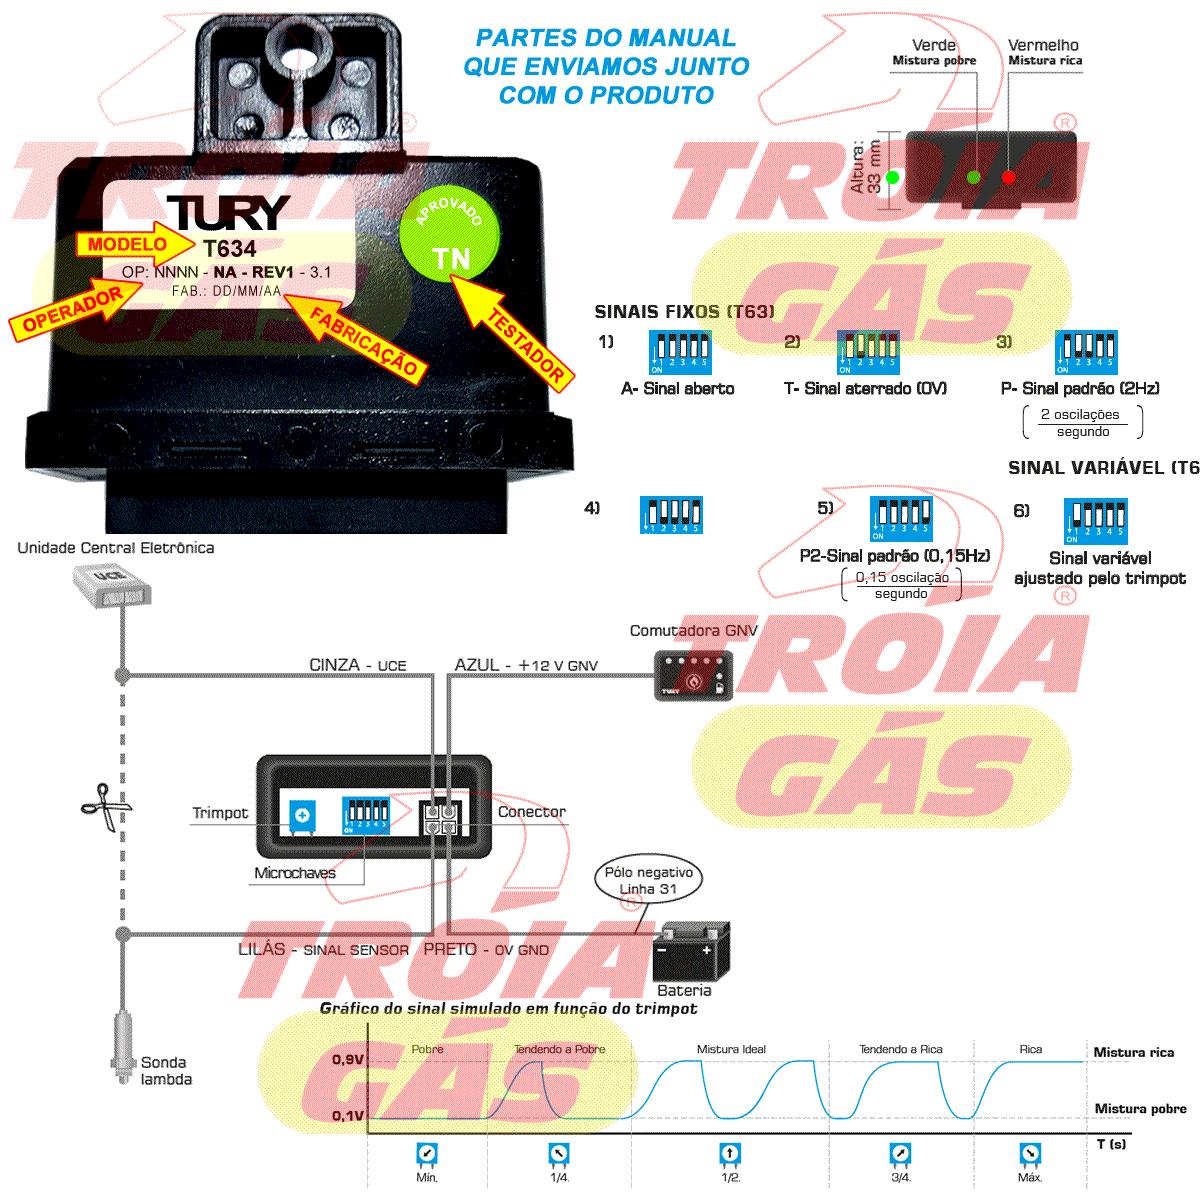 10 Simuladores de Sonda Universal TURY T634 Atacado